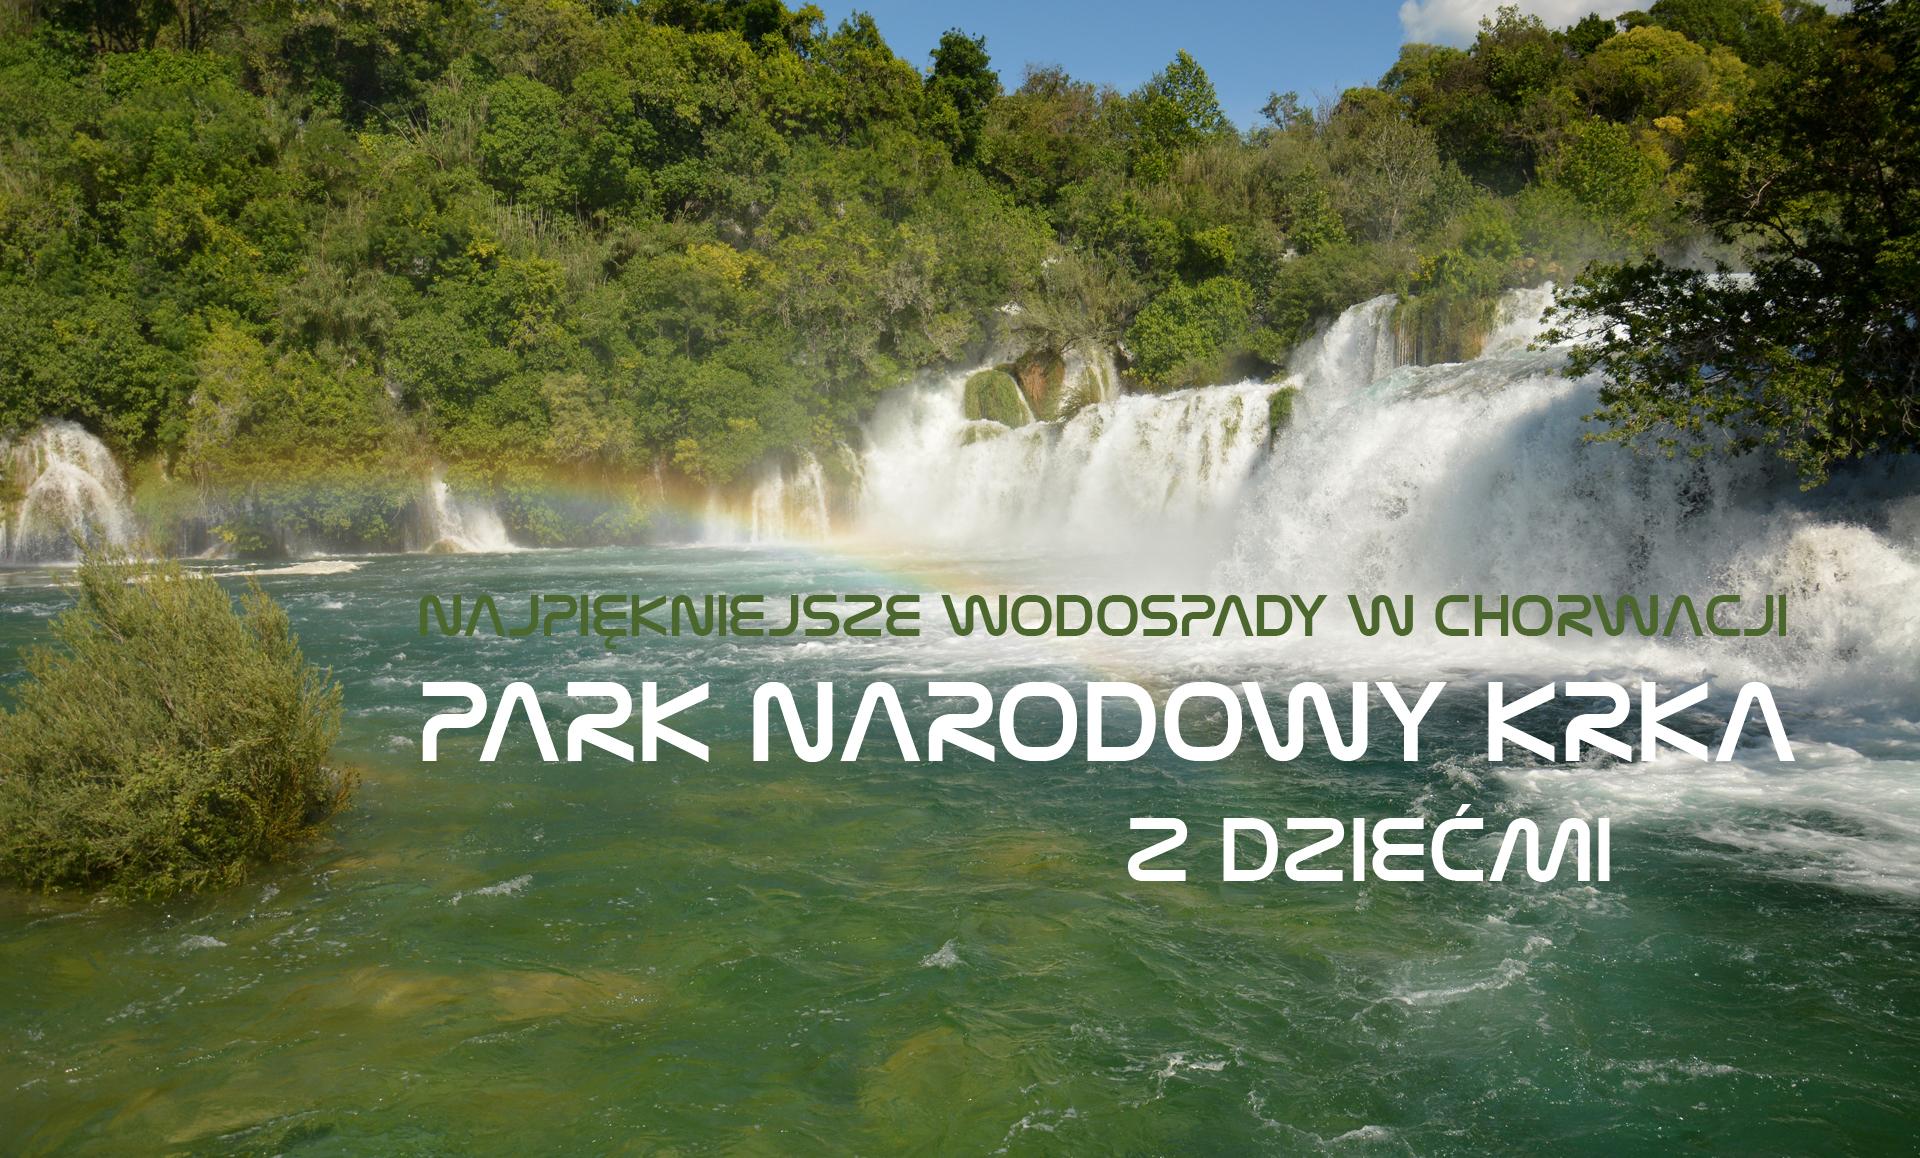 Park Narodowy Krka z dziećmi. Wodospady Chorwacji